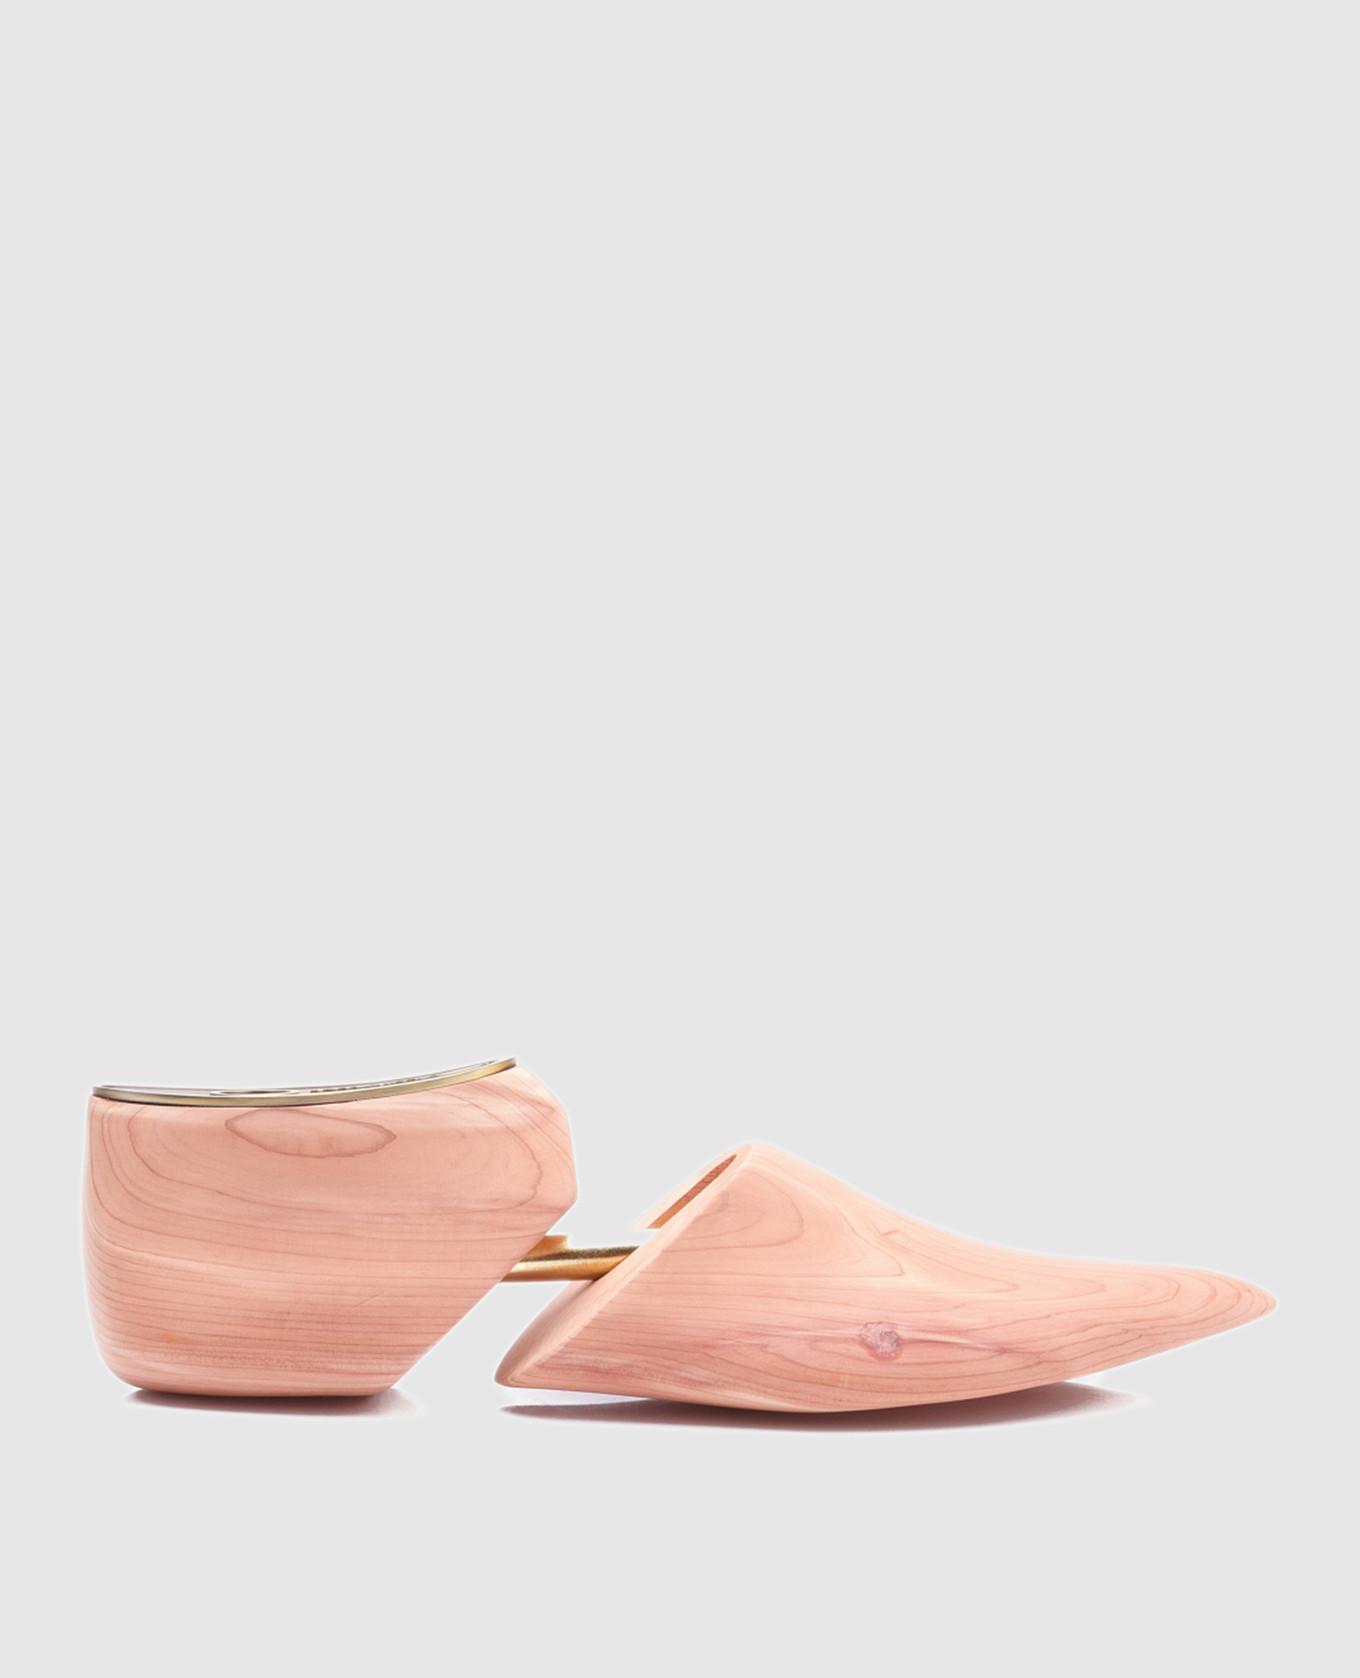 Бежевая колодка для обуви  из кедра